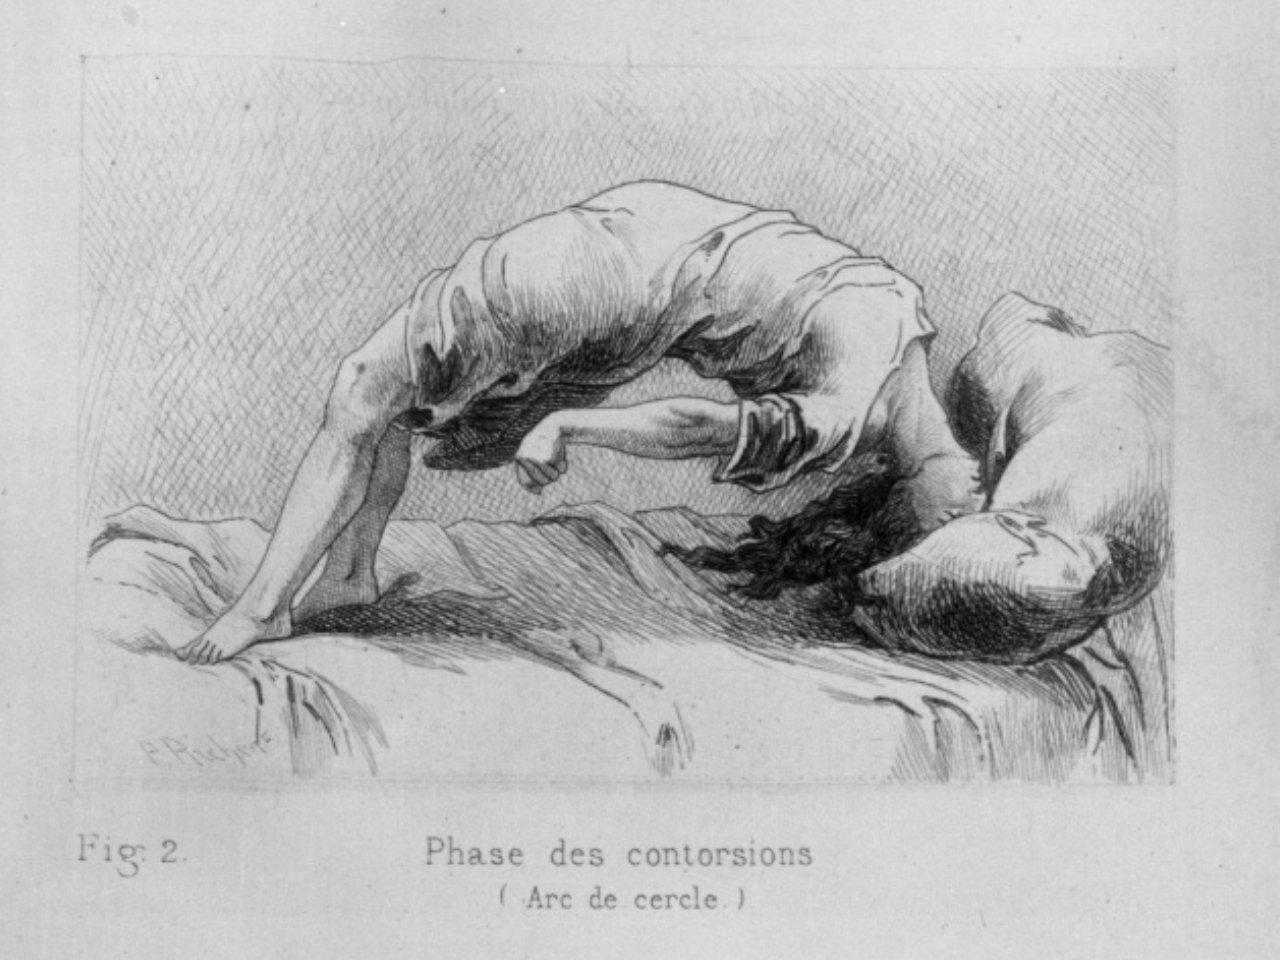 Mythe de l'hystérie, illustration de Paul Richer